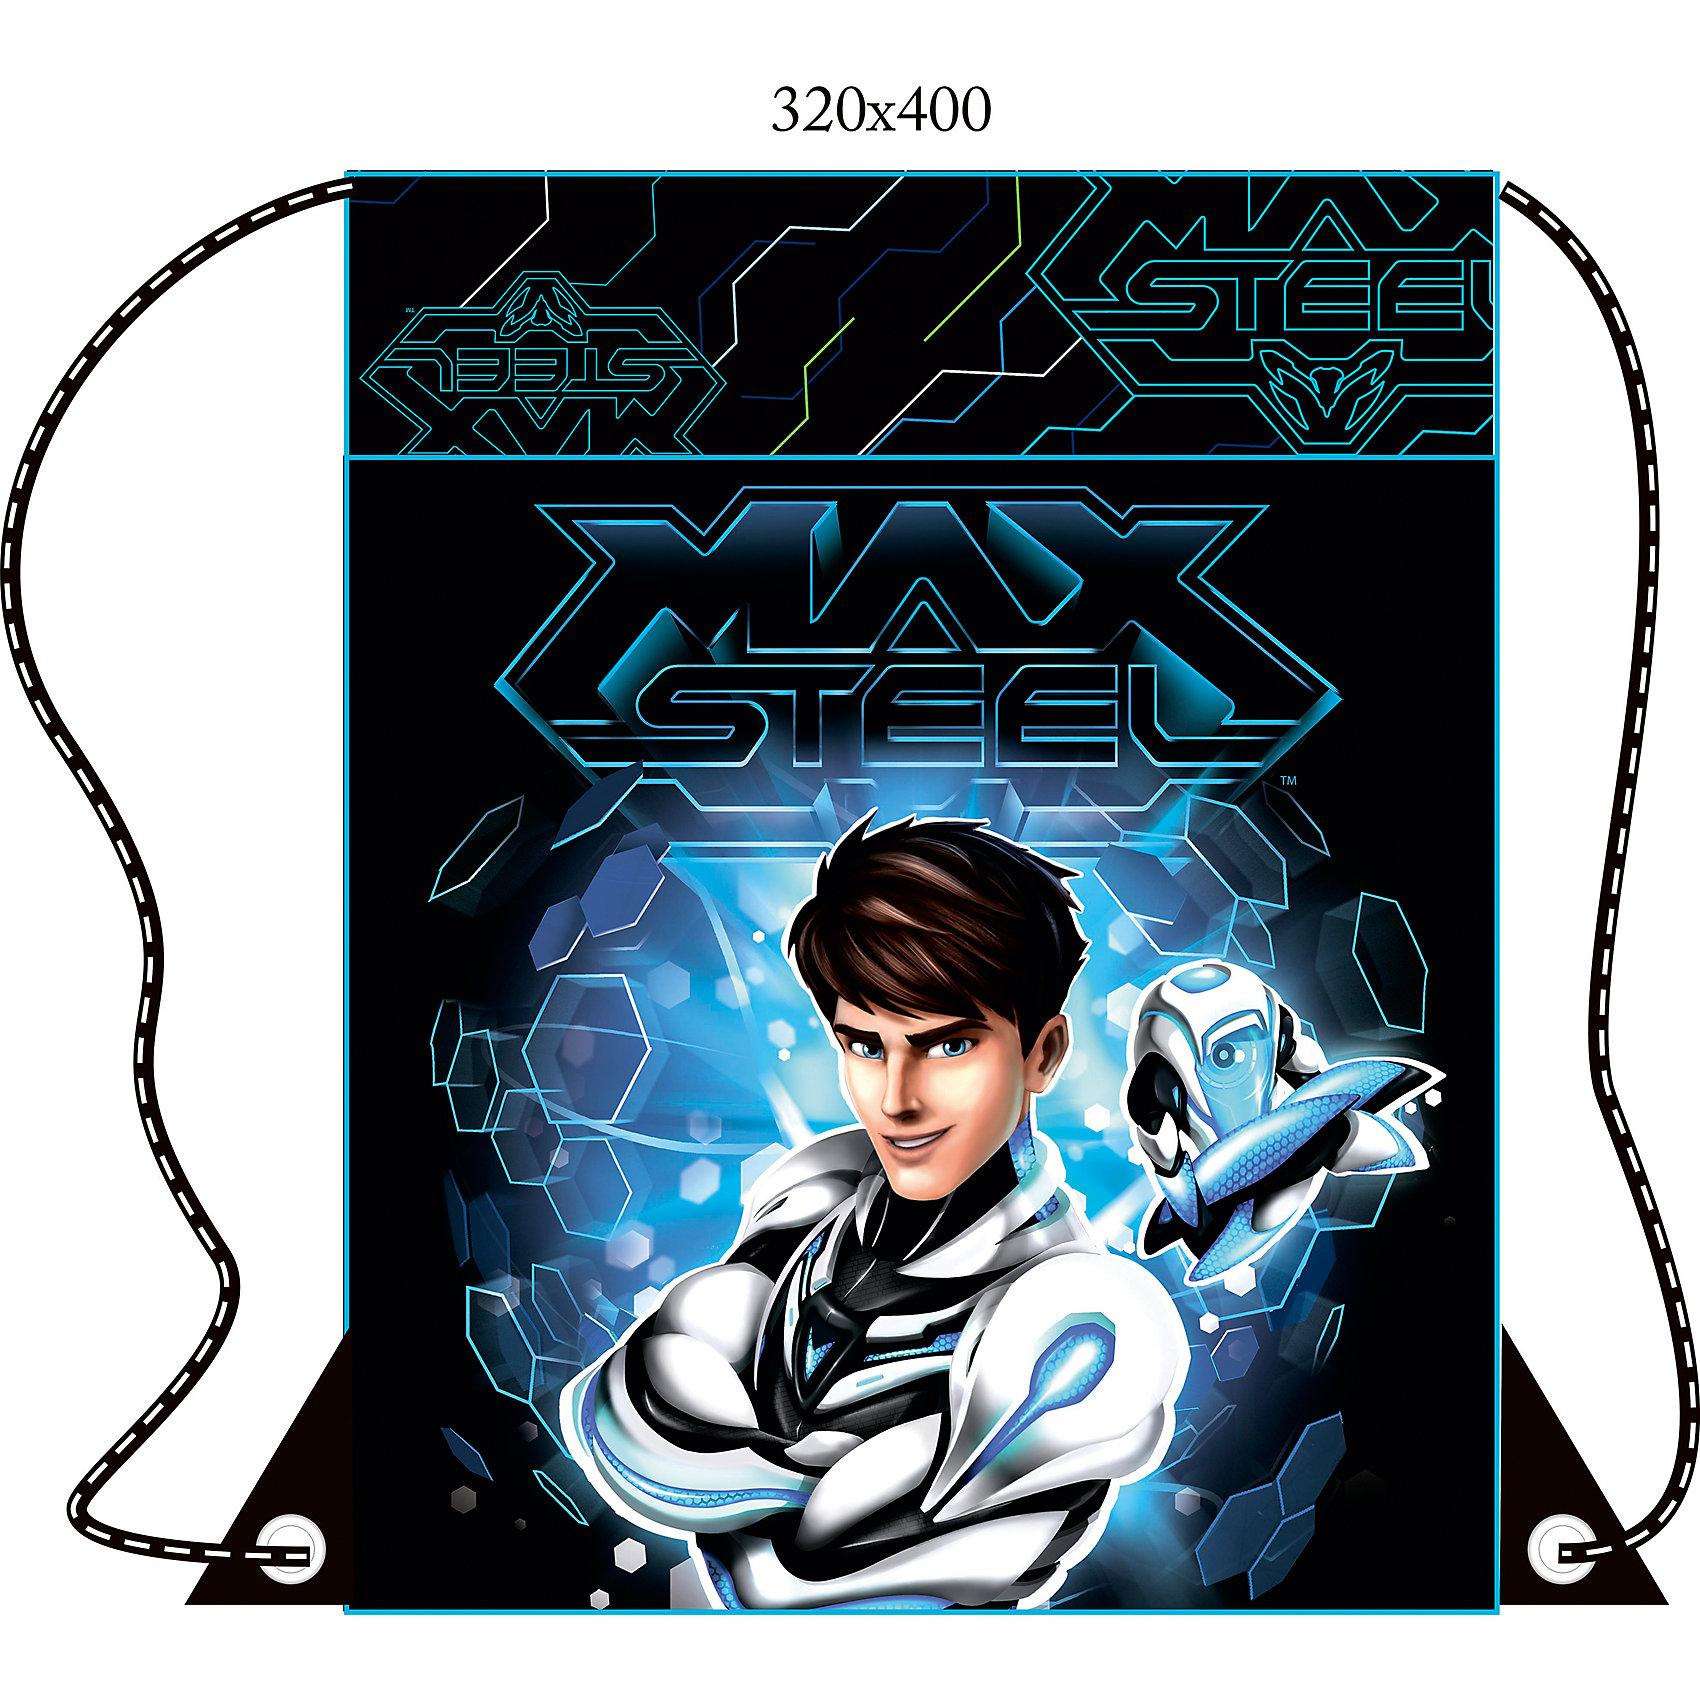 Мешок для обуви Max Steel темно-синий, 31,5х41,8 смМешок для обуви Max Steel темно-синий, 31,5х41,8 см – этот мешок бережно сохранит сменную обувь Вашего малыша от грязи и воды.<br>Мешок для обуви Max Steel станет полезным приобретением для школы или спортивных занятий. Он идеально подойдет как для хранения, так и для переноски сменной обуви и одежды. Дизайн мешка для обуви выполнен в стиле популярного мультсериала «Max Steel» Мешок выполнен из высококачественного полиэстера и состоит из одного вместительного отделения, закрывающегося на затягивающийся шнурок. Шнурки фиксируются в нижней части мешка, благодаря чему его можно носить за спиной, как рюкзак. С таким ярким мешком носить сменную одежду и обувь будет легко и приятно!<br><br>Дополнительная информация:<br><br>- Материал: полиэстер 210 ден<br>- Цвет: темно-синий<br>- Размер: 31,5х41,8 см.<br><br>Мешок для обуви Max Steel темно-синий, 31,5х41,8 см можно купить в нашем интернет-магазине.<br><br>Ширина мм: 10<br>Глубина мм: 315<br>Высота мм: 418<br>Вес г: 10<br>Возраст от месяцев: 36<br>Возраст до месяцев: 120<br>Пол: Мужской<br>Возраст: Детский<br>SKU: 4098767